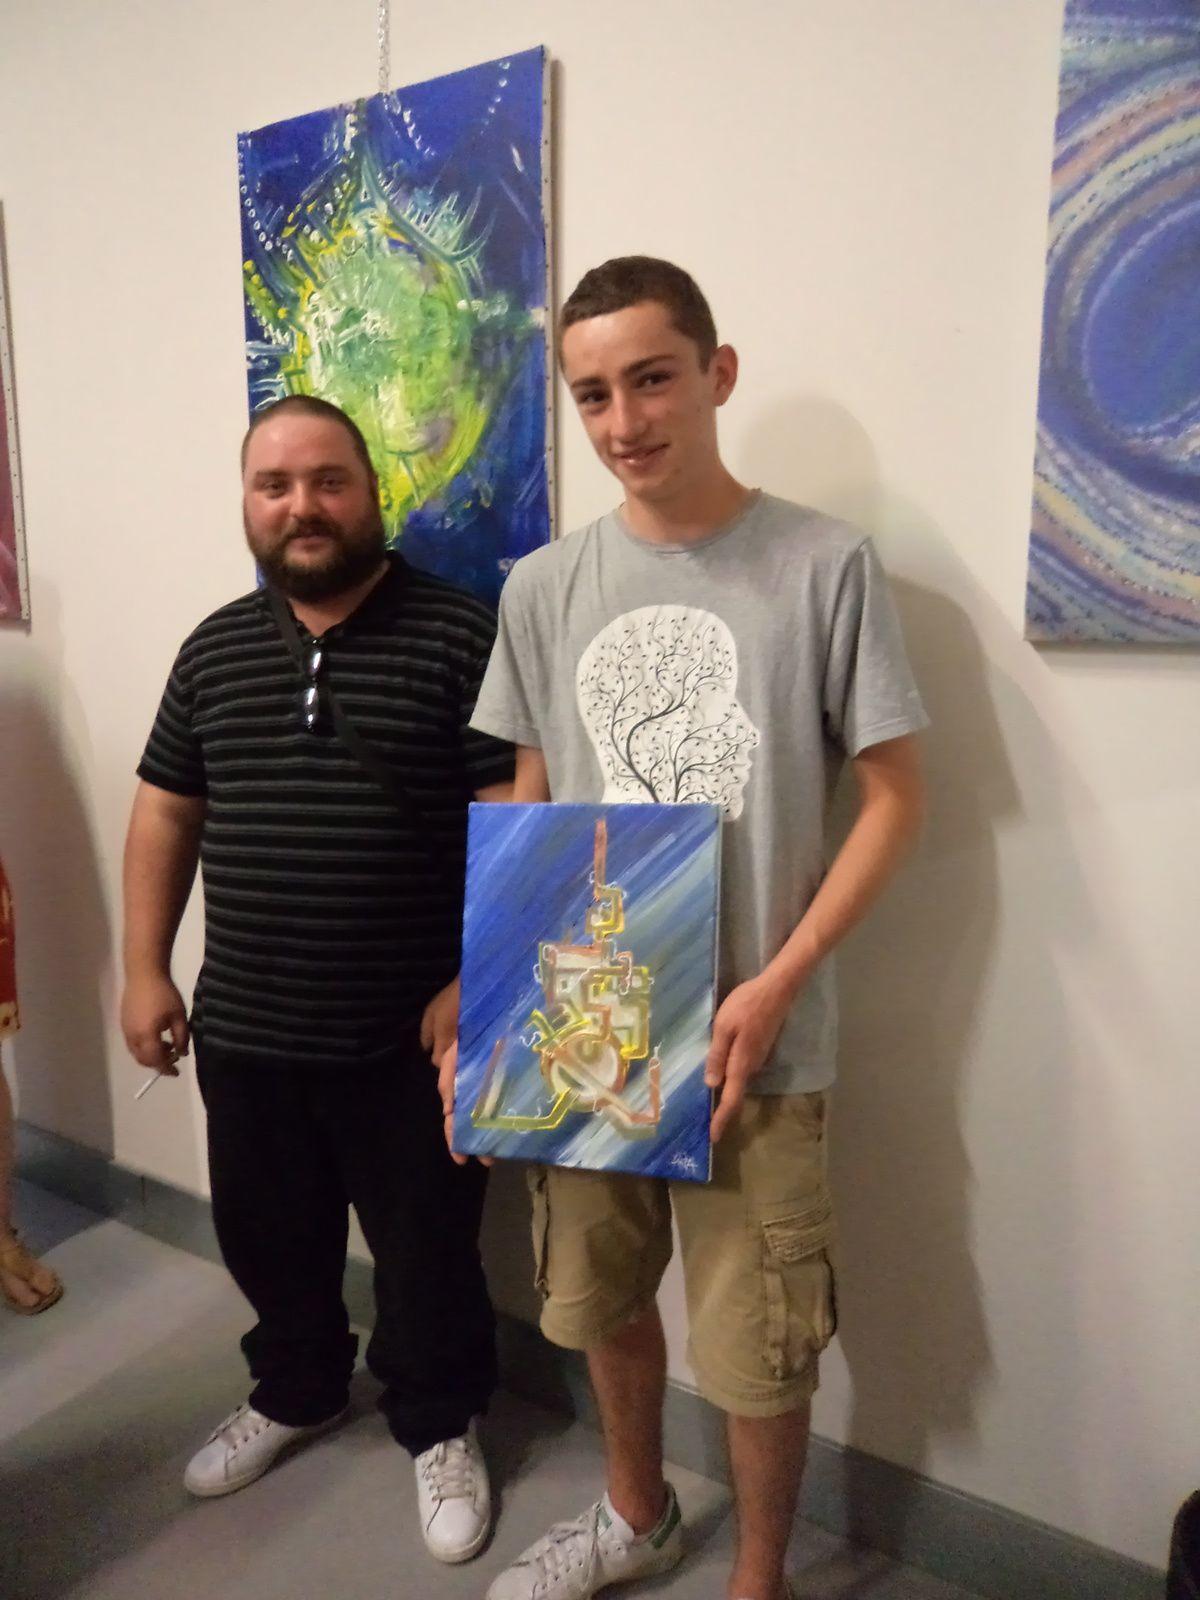 L'heureux gagnant (tirage au sort) de la toile offerte par Rémi en compagnie de l'artiste. Merci à lui pour cette initiative.